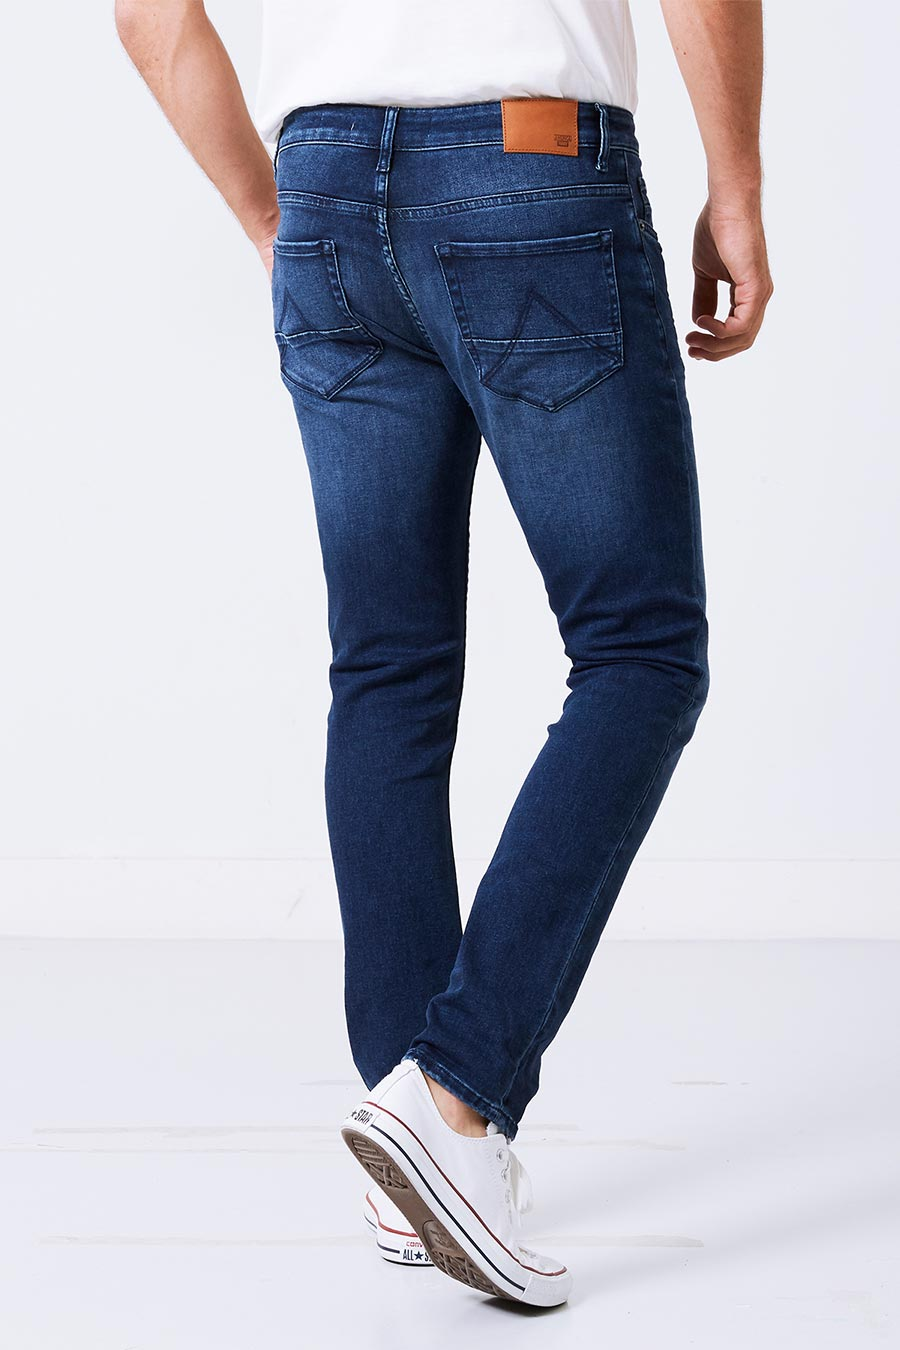 casper men Jeans alt